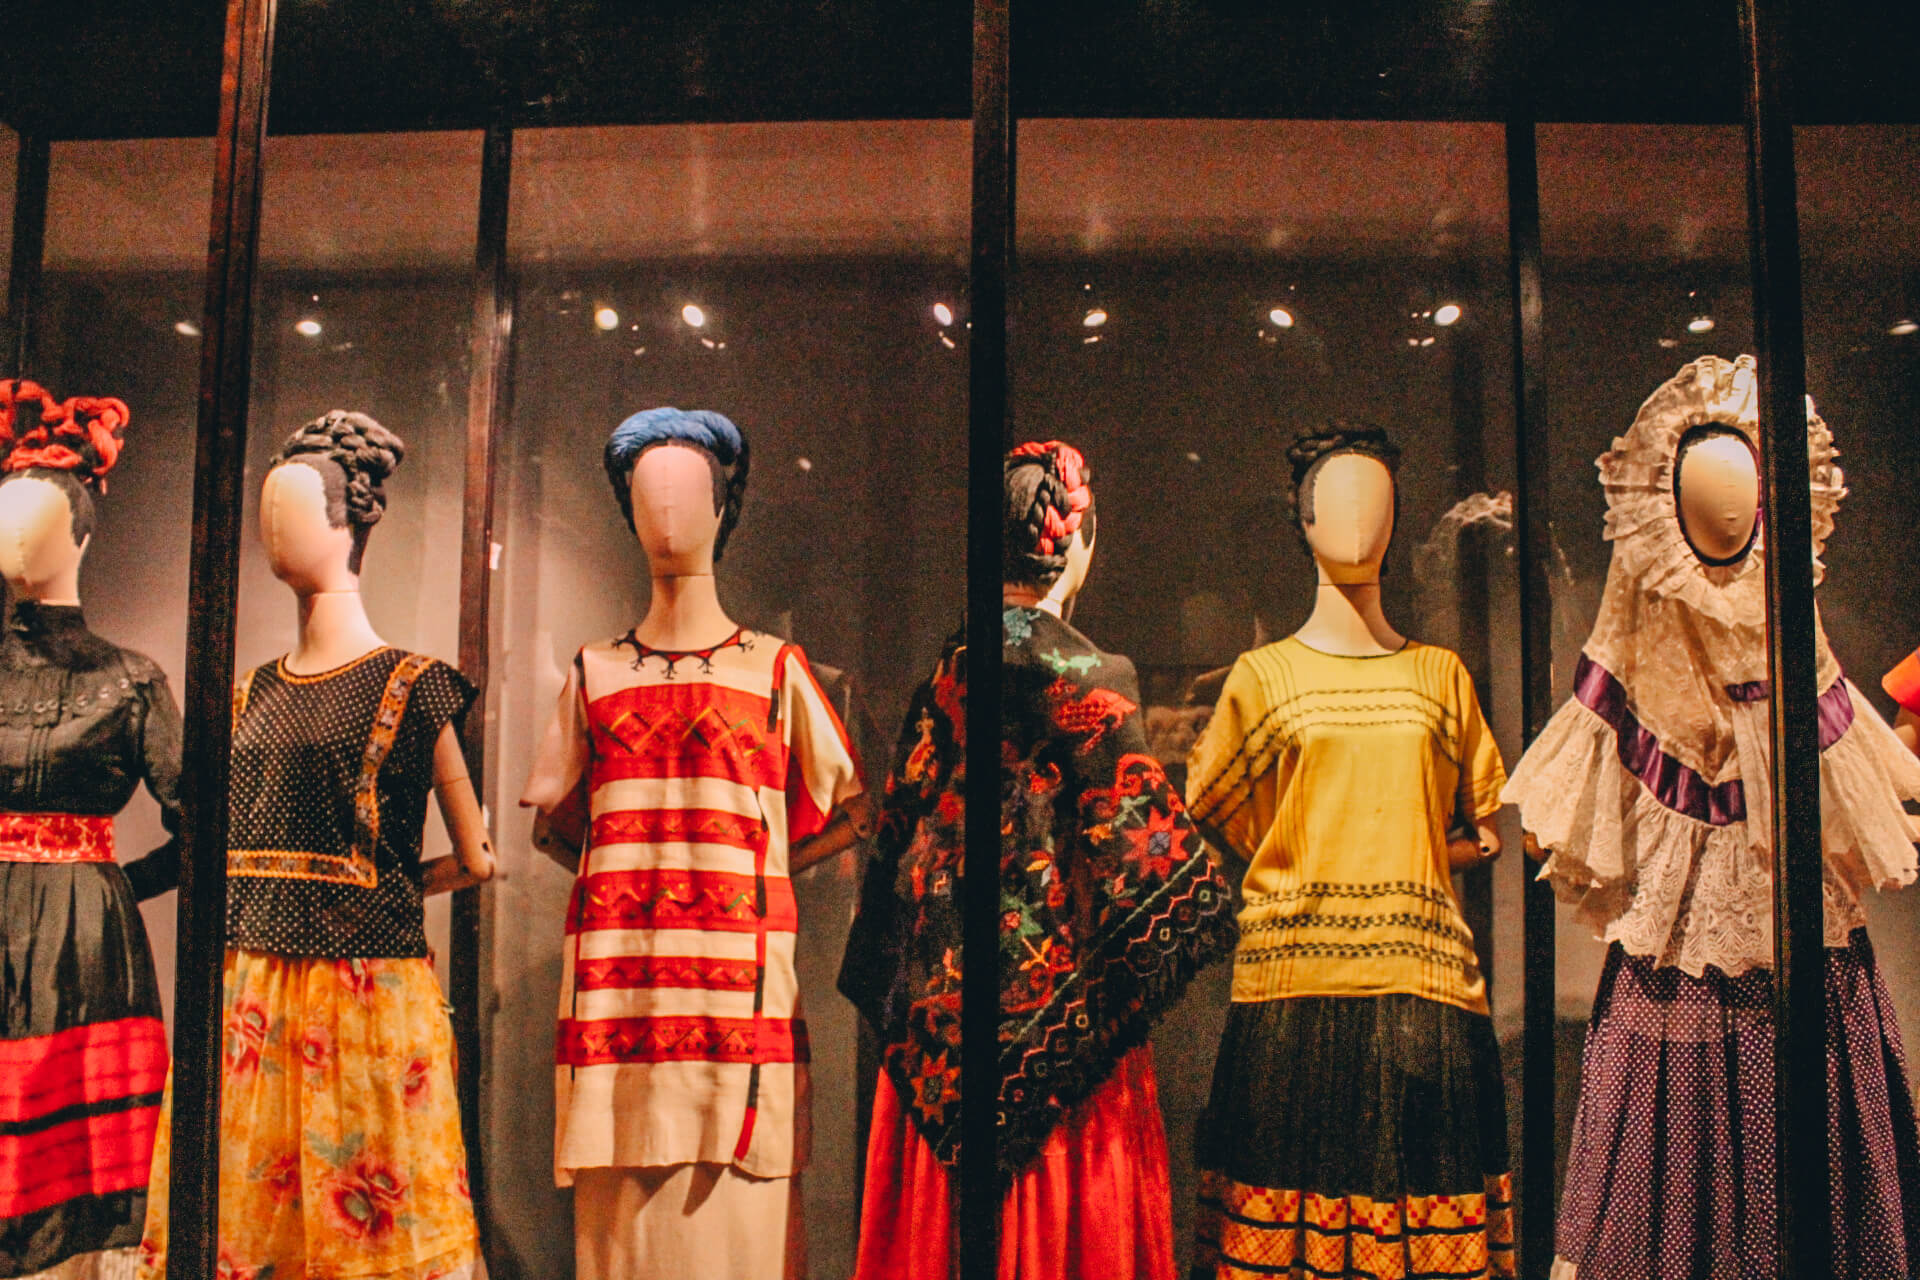 The Wardrobe of Frida Kahlo